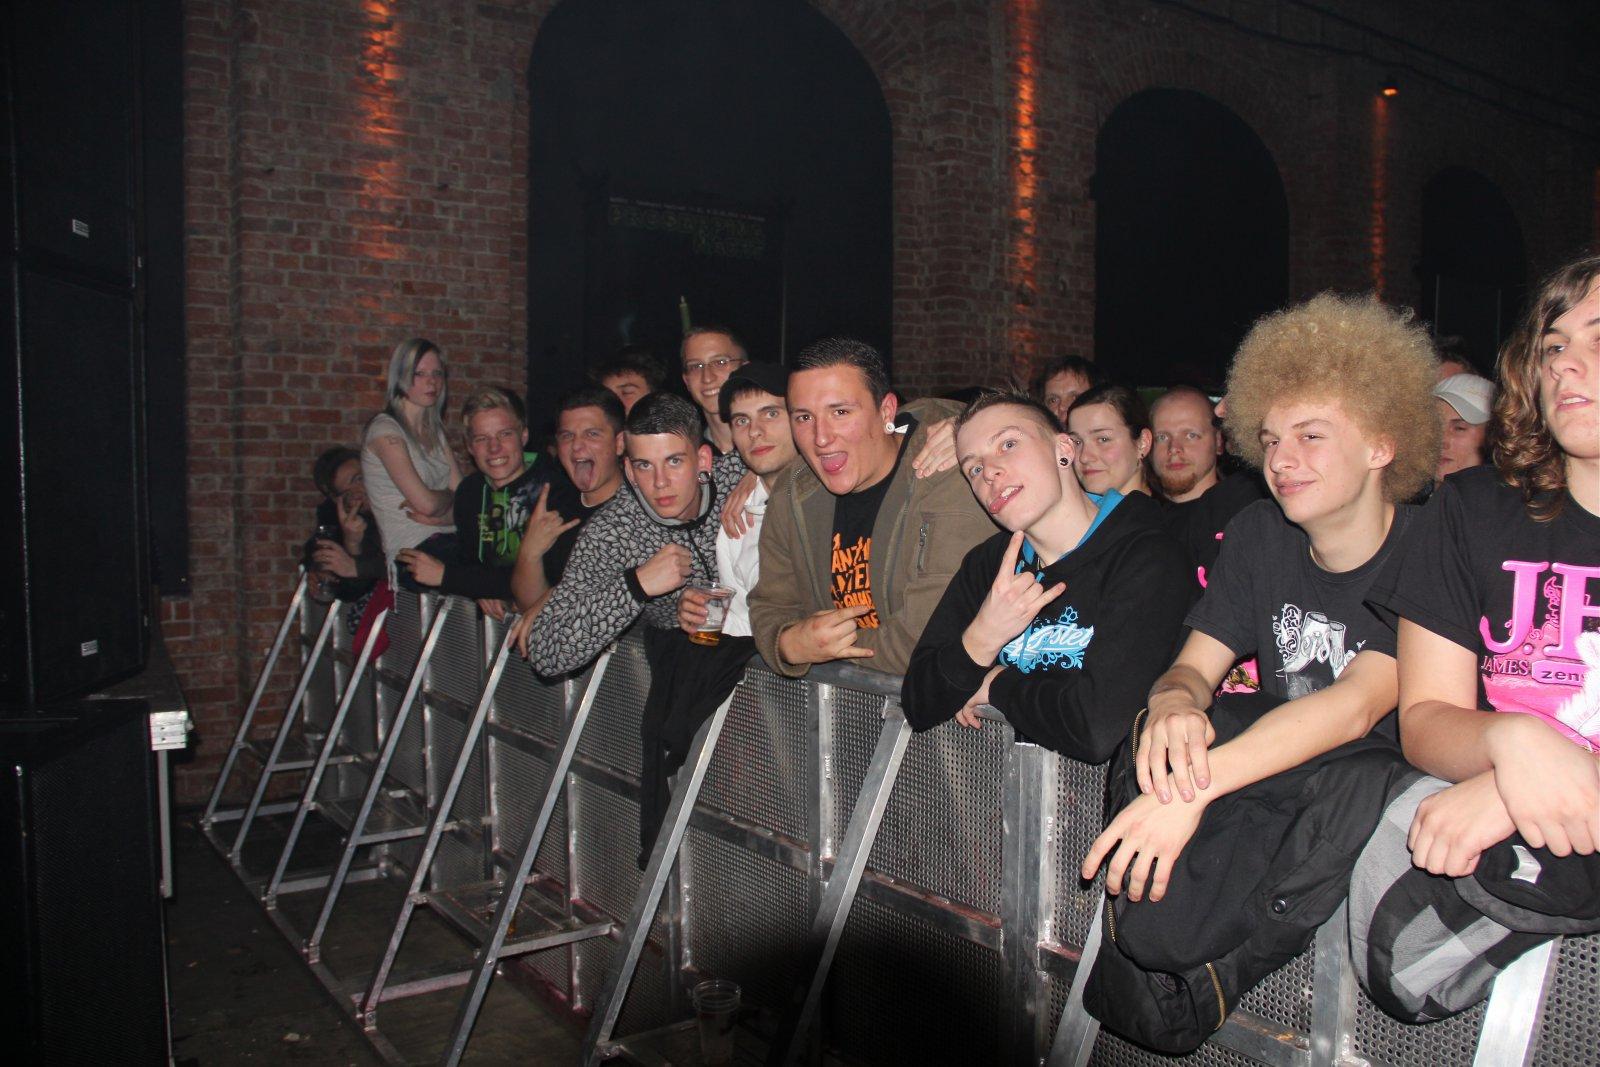 036 - J.B.O. @ Reithalle Dresden, 09.12.2011 - Foto von Andrea Jaeckel-Dobschat